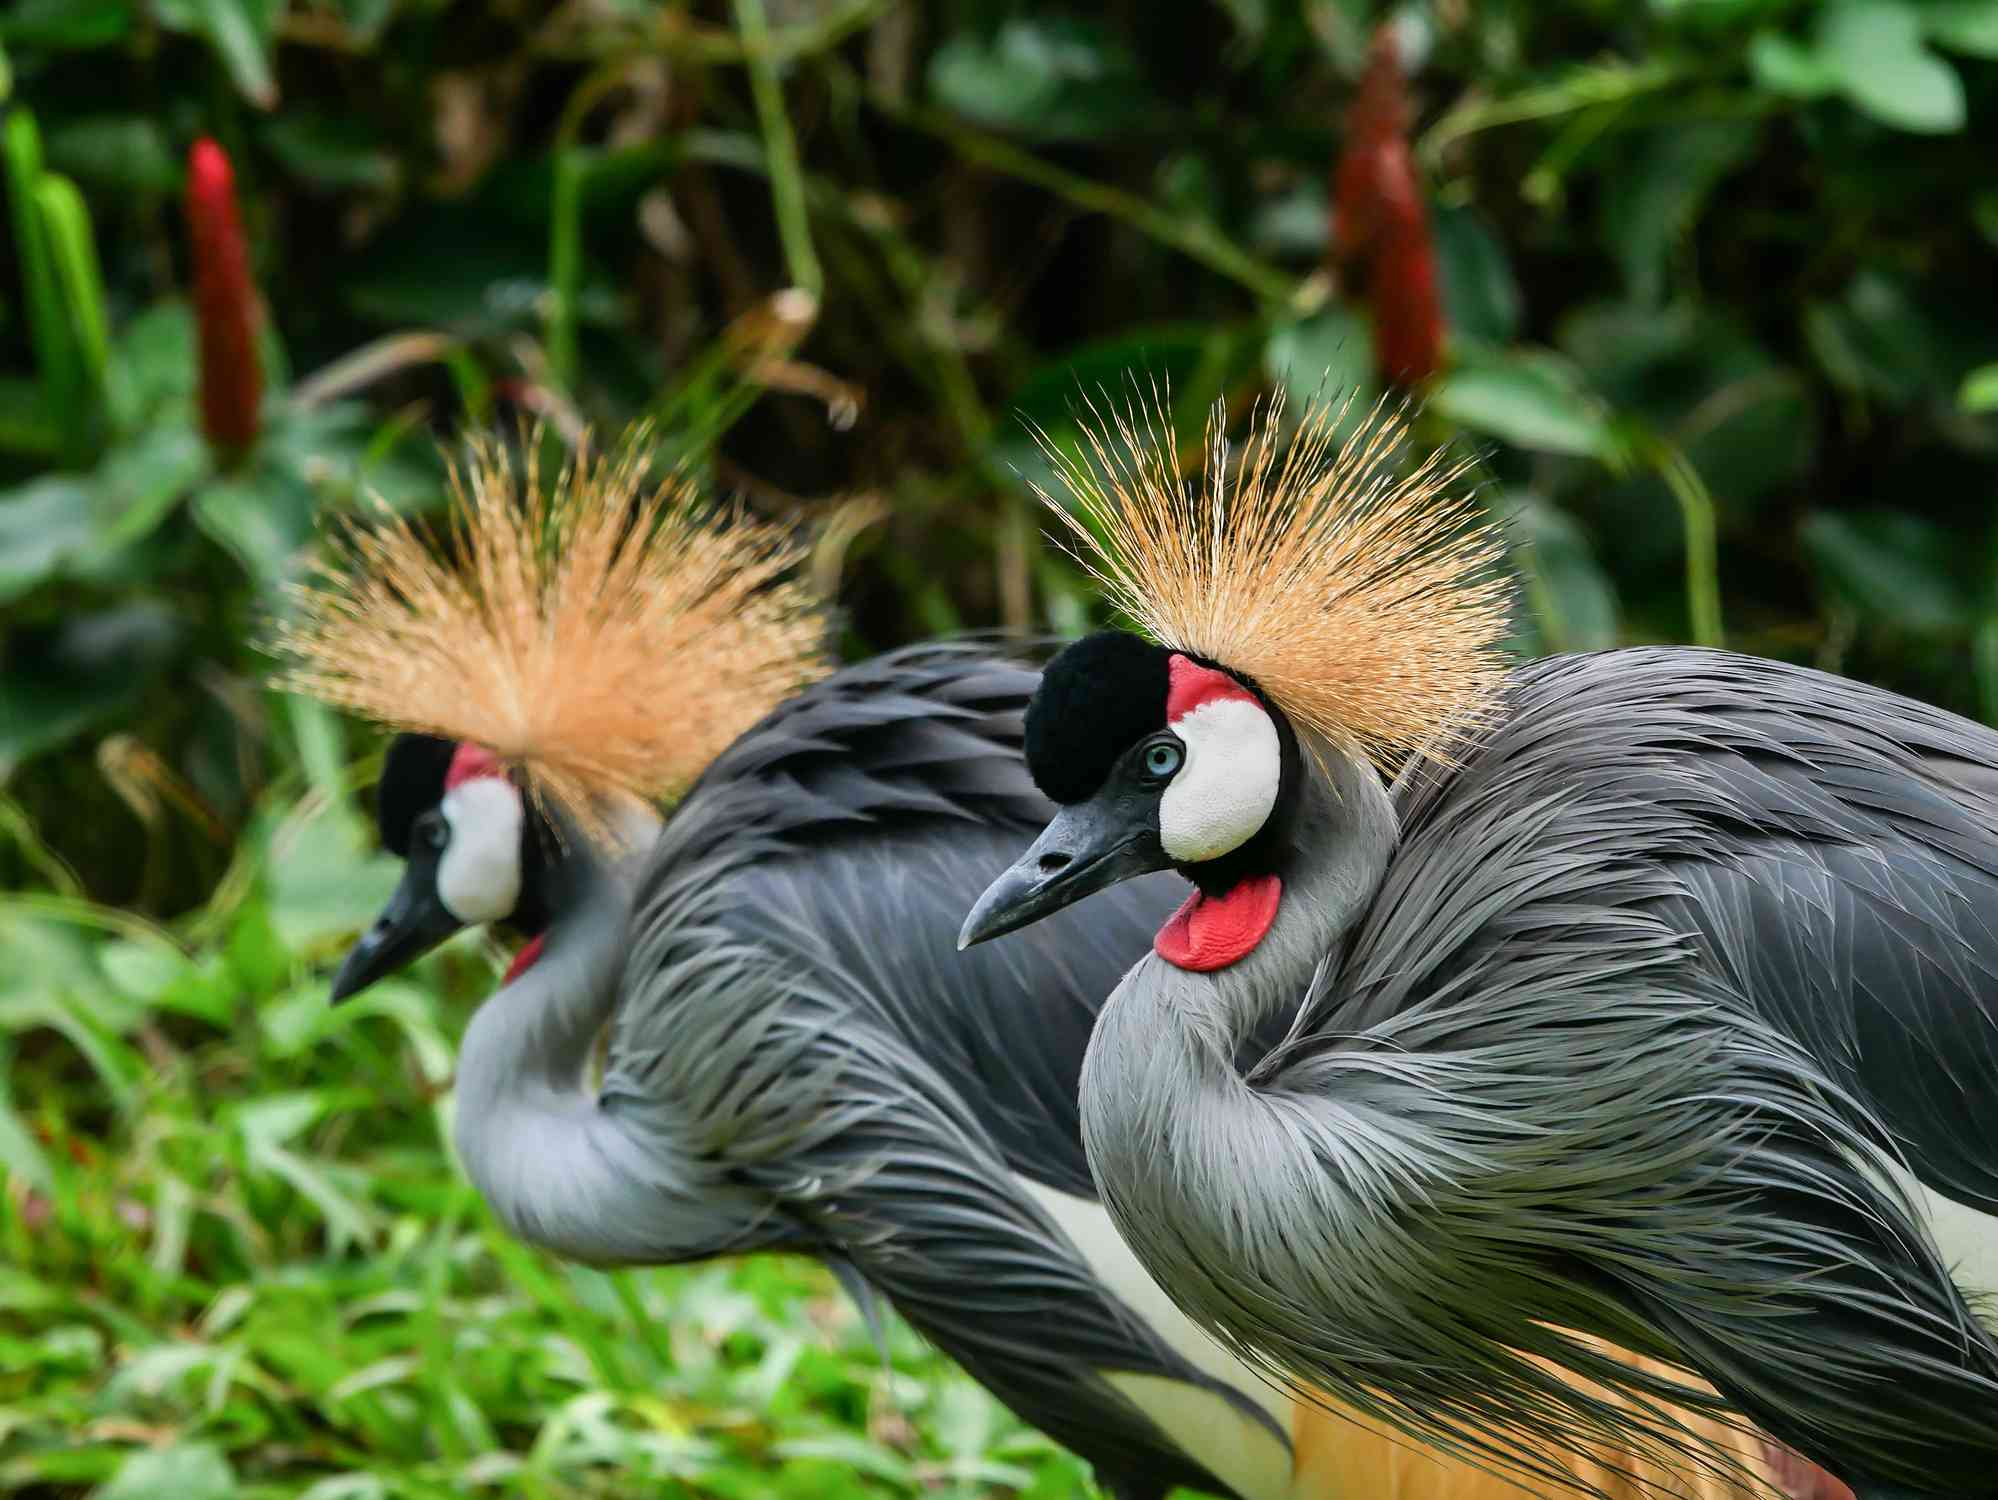 Pair of crowned cranes